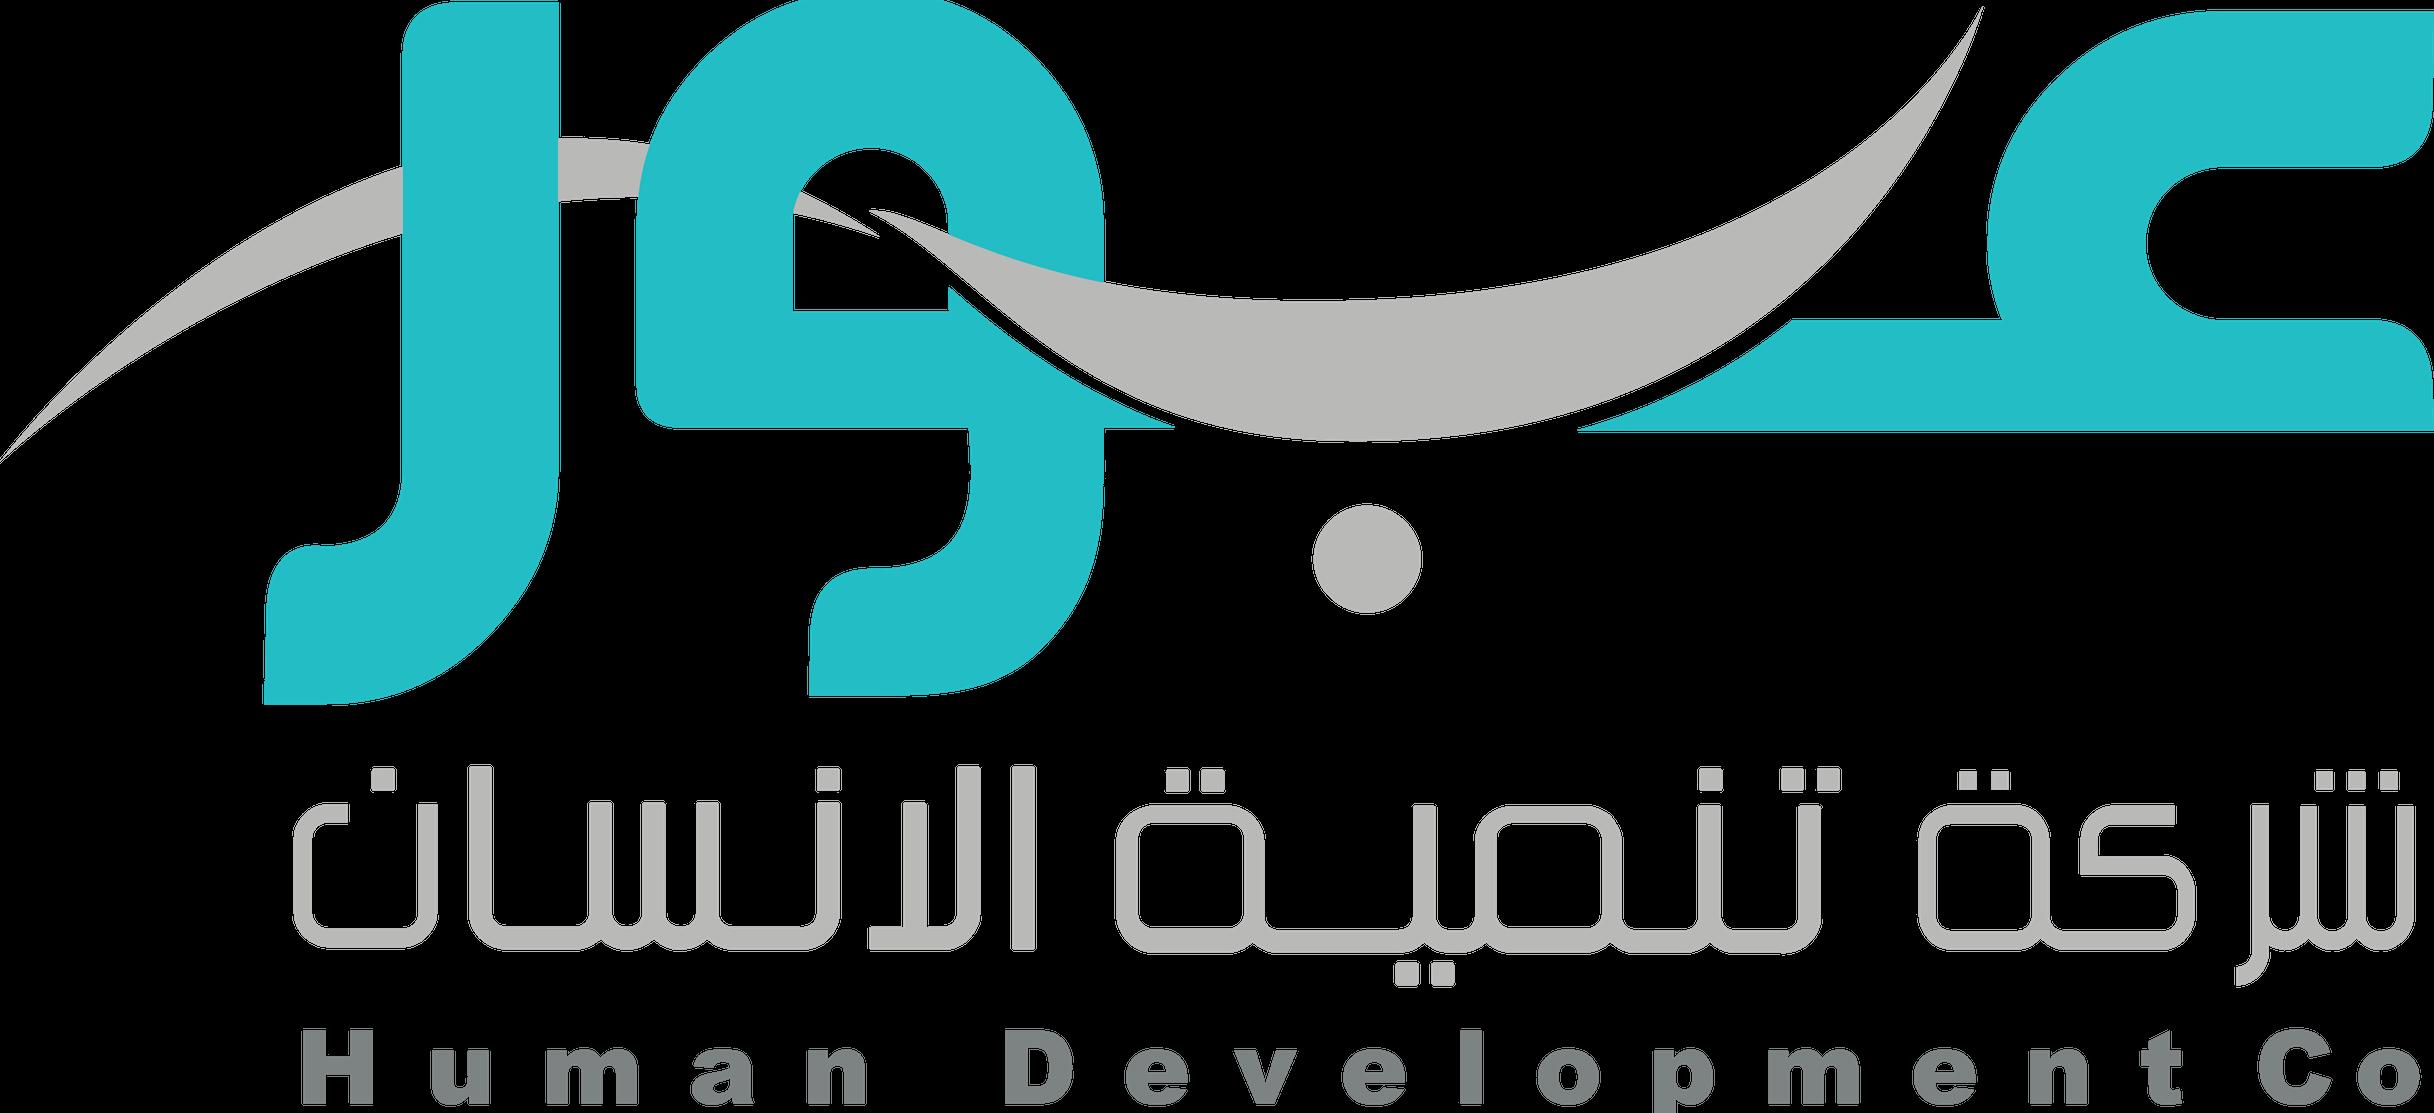 شركة تنمية الانسان